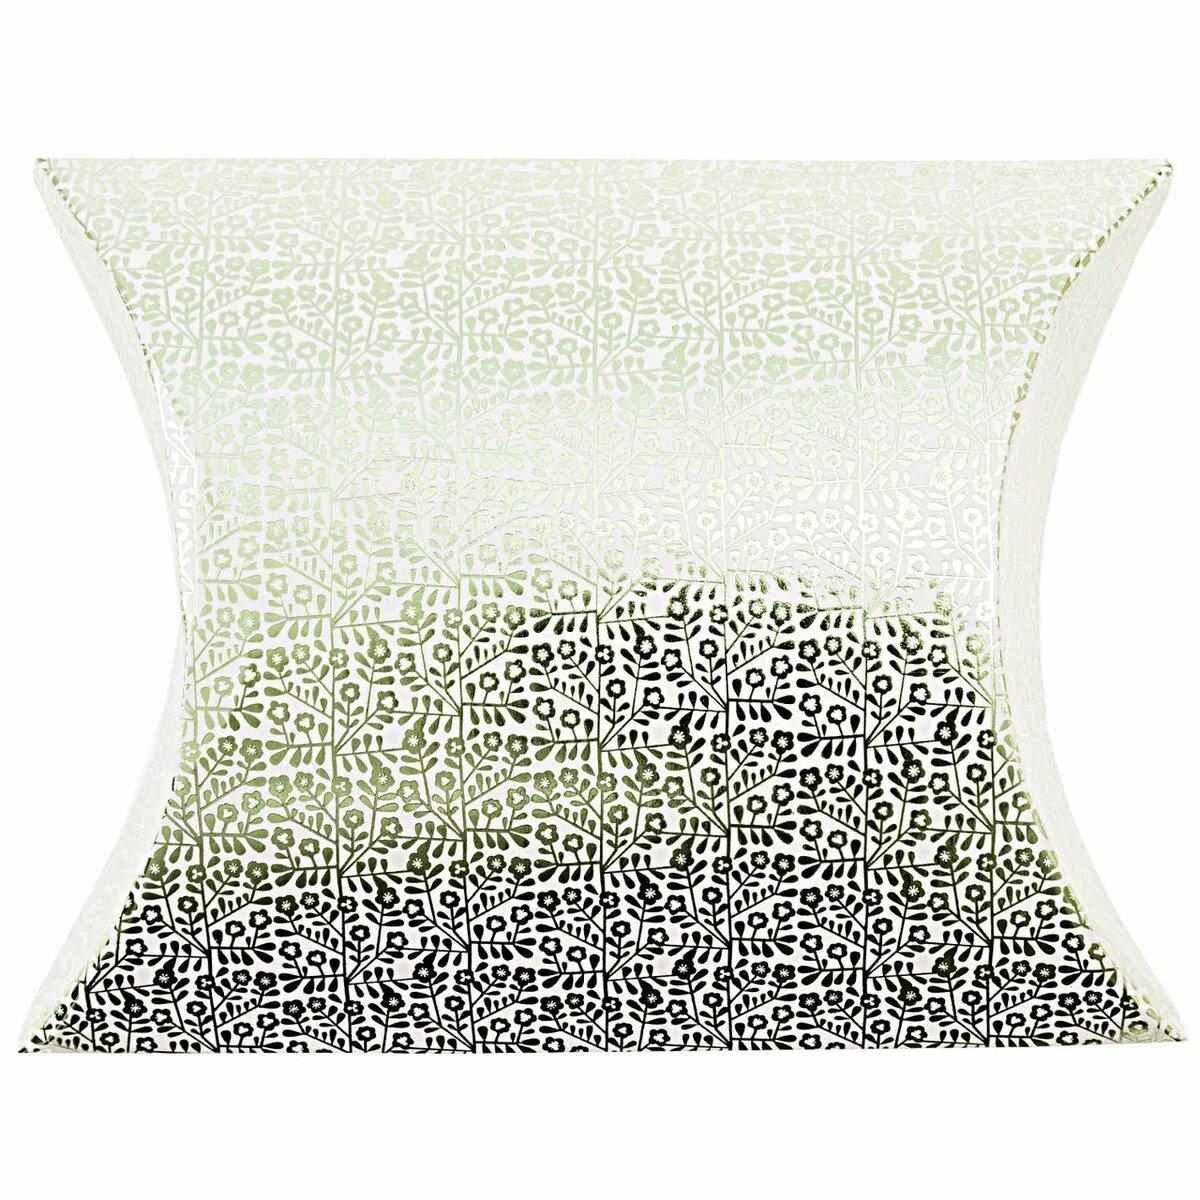 Bild 2 von Made by Me Geschenkschachteln Seife 6 Stück